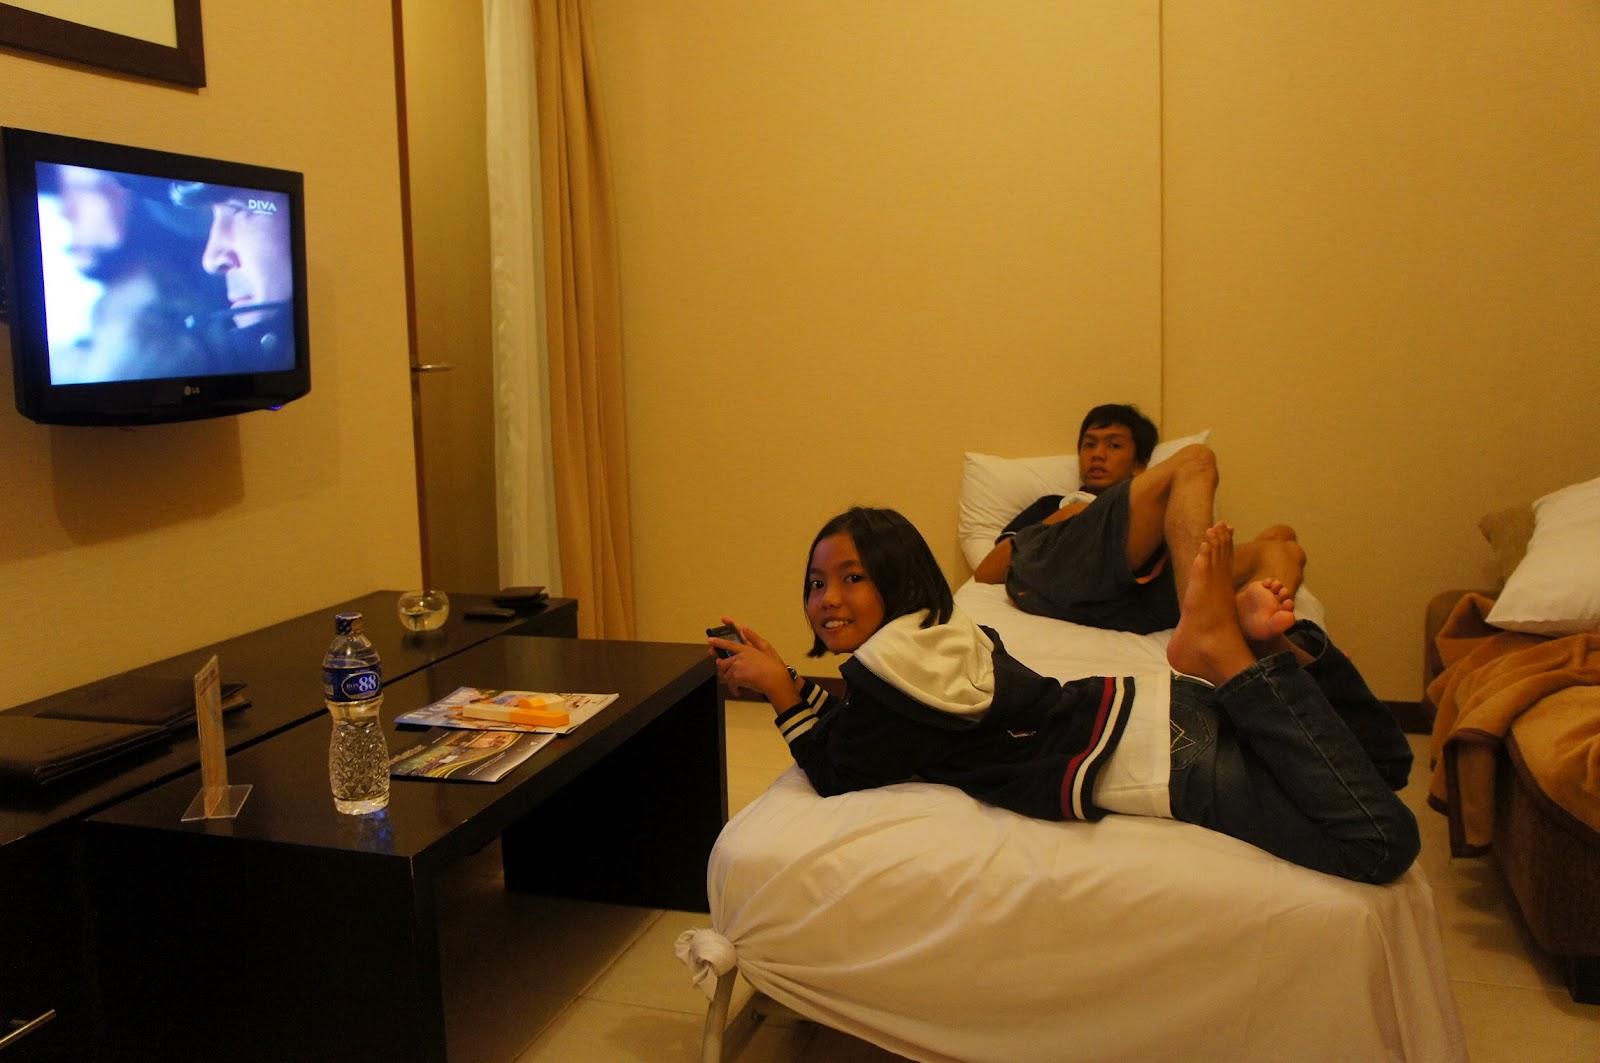 Ni Lah Bilik Kami Kat Living Room Yang Comel Lote Tu Situlah Tengok Tv Hakim Tidur Dan Sebelah Belakang Ada Small Kitchen Alah Dapur Pun